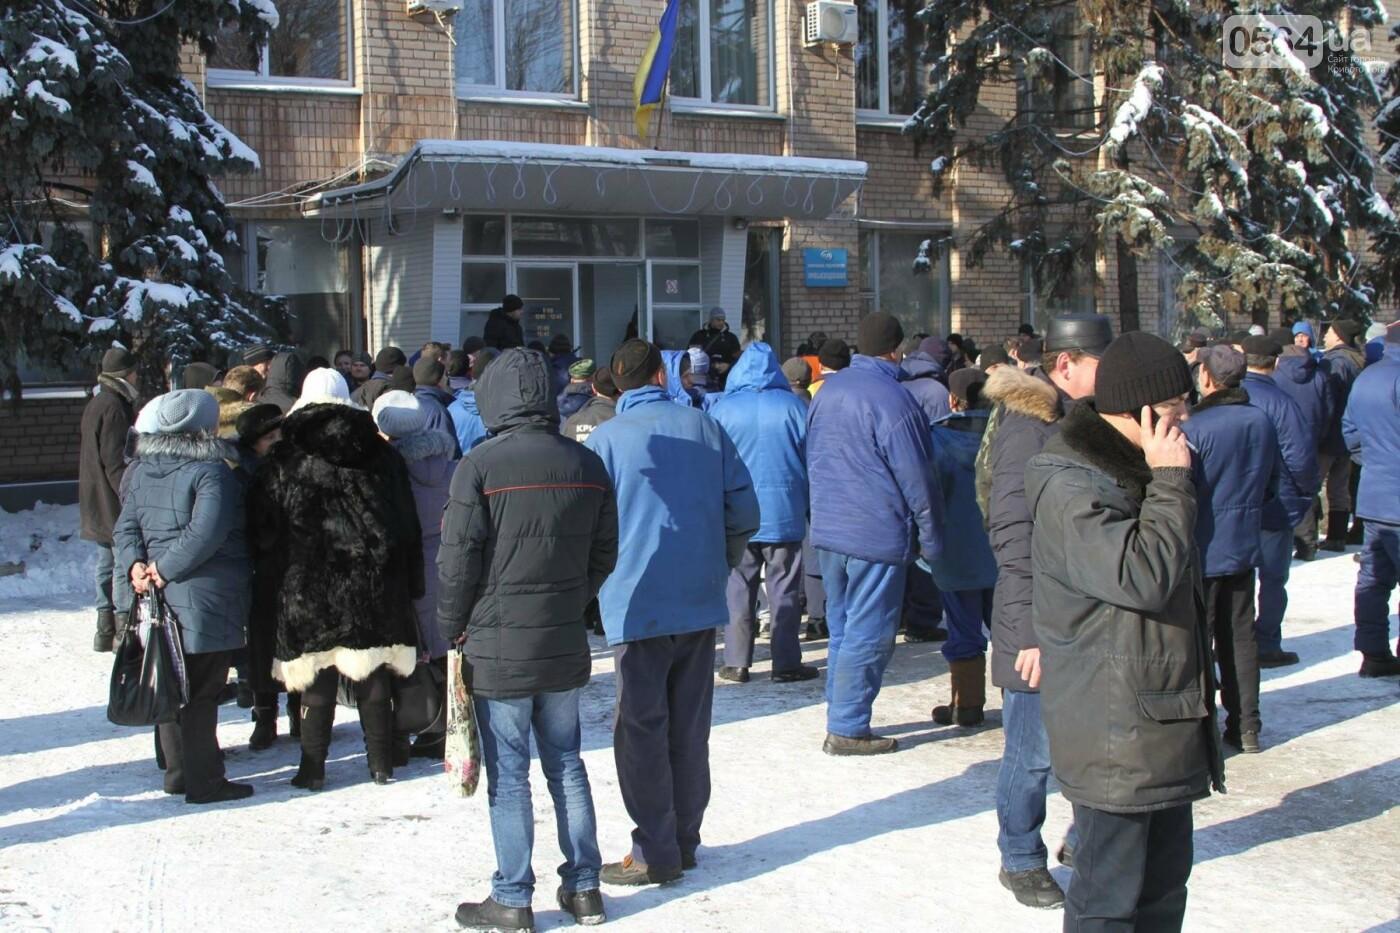 В Кривом Роге сотрудники КПВС митингуют, опасаясь, что город останется без воды  (ФОТО, ВИДЕО), фото-21